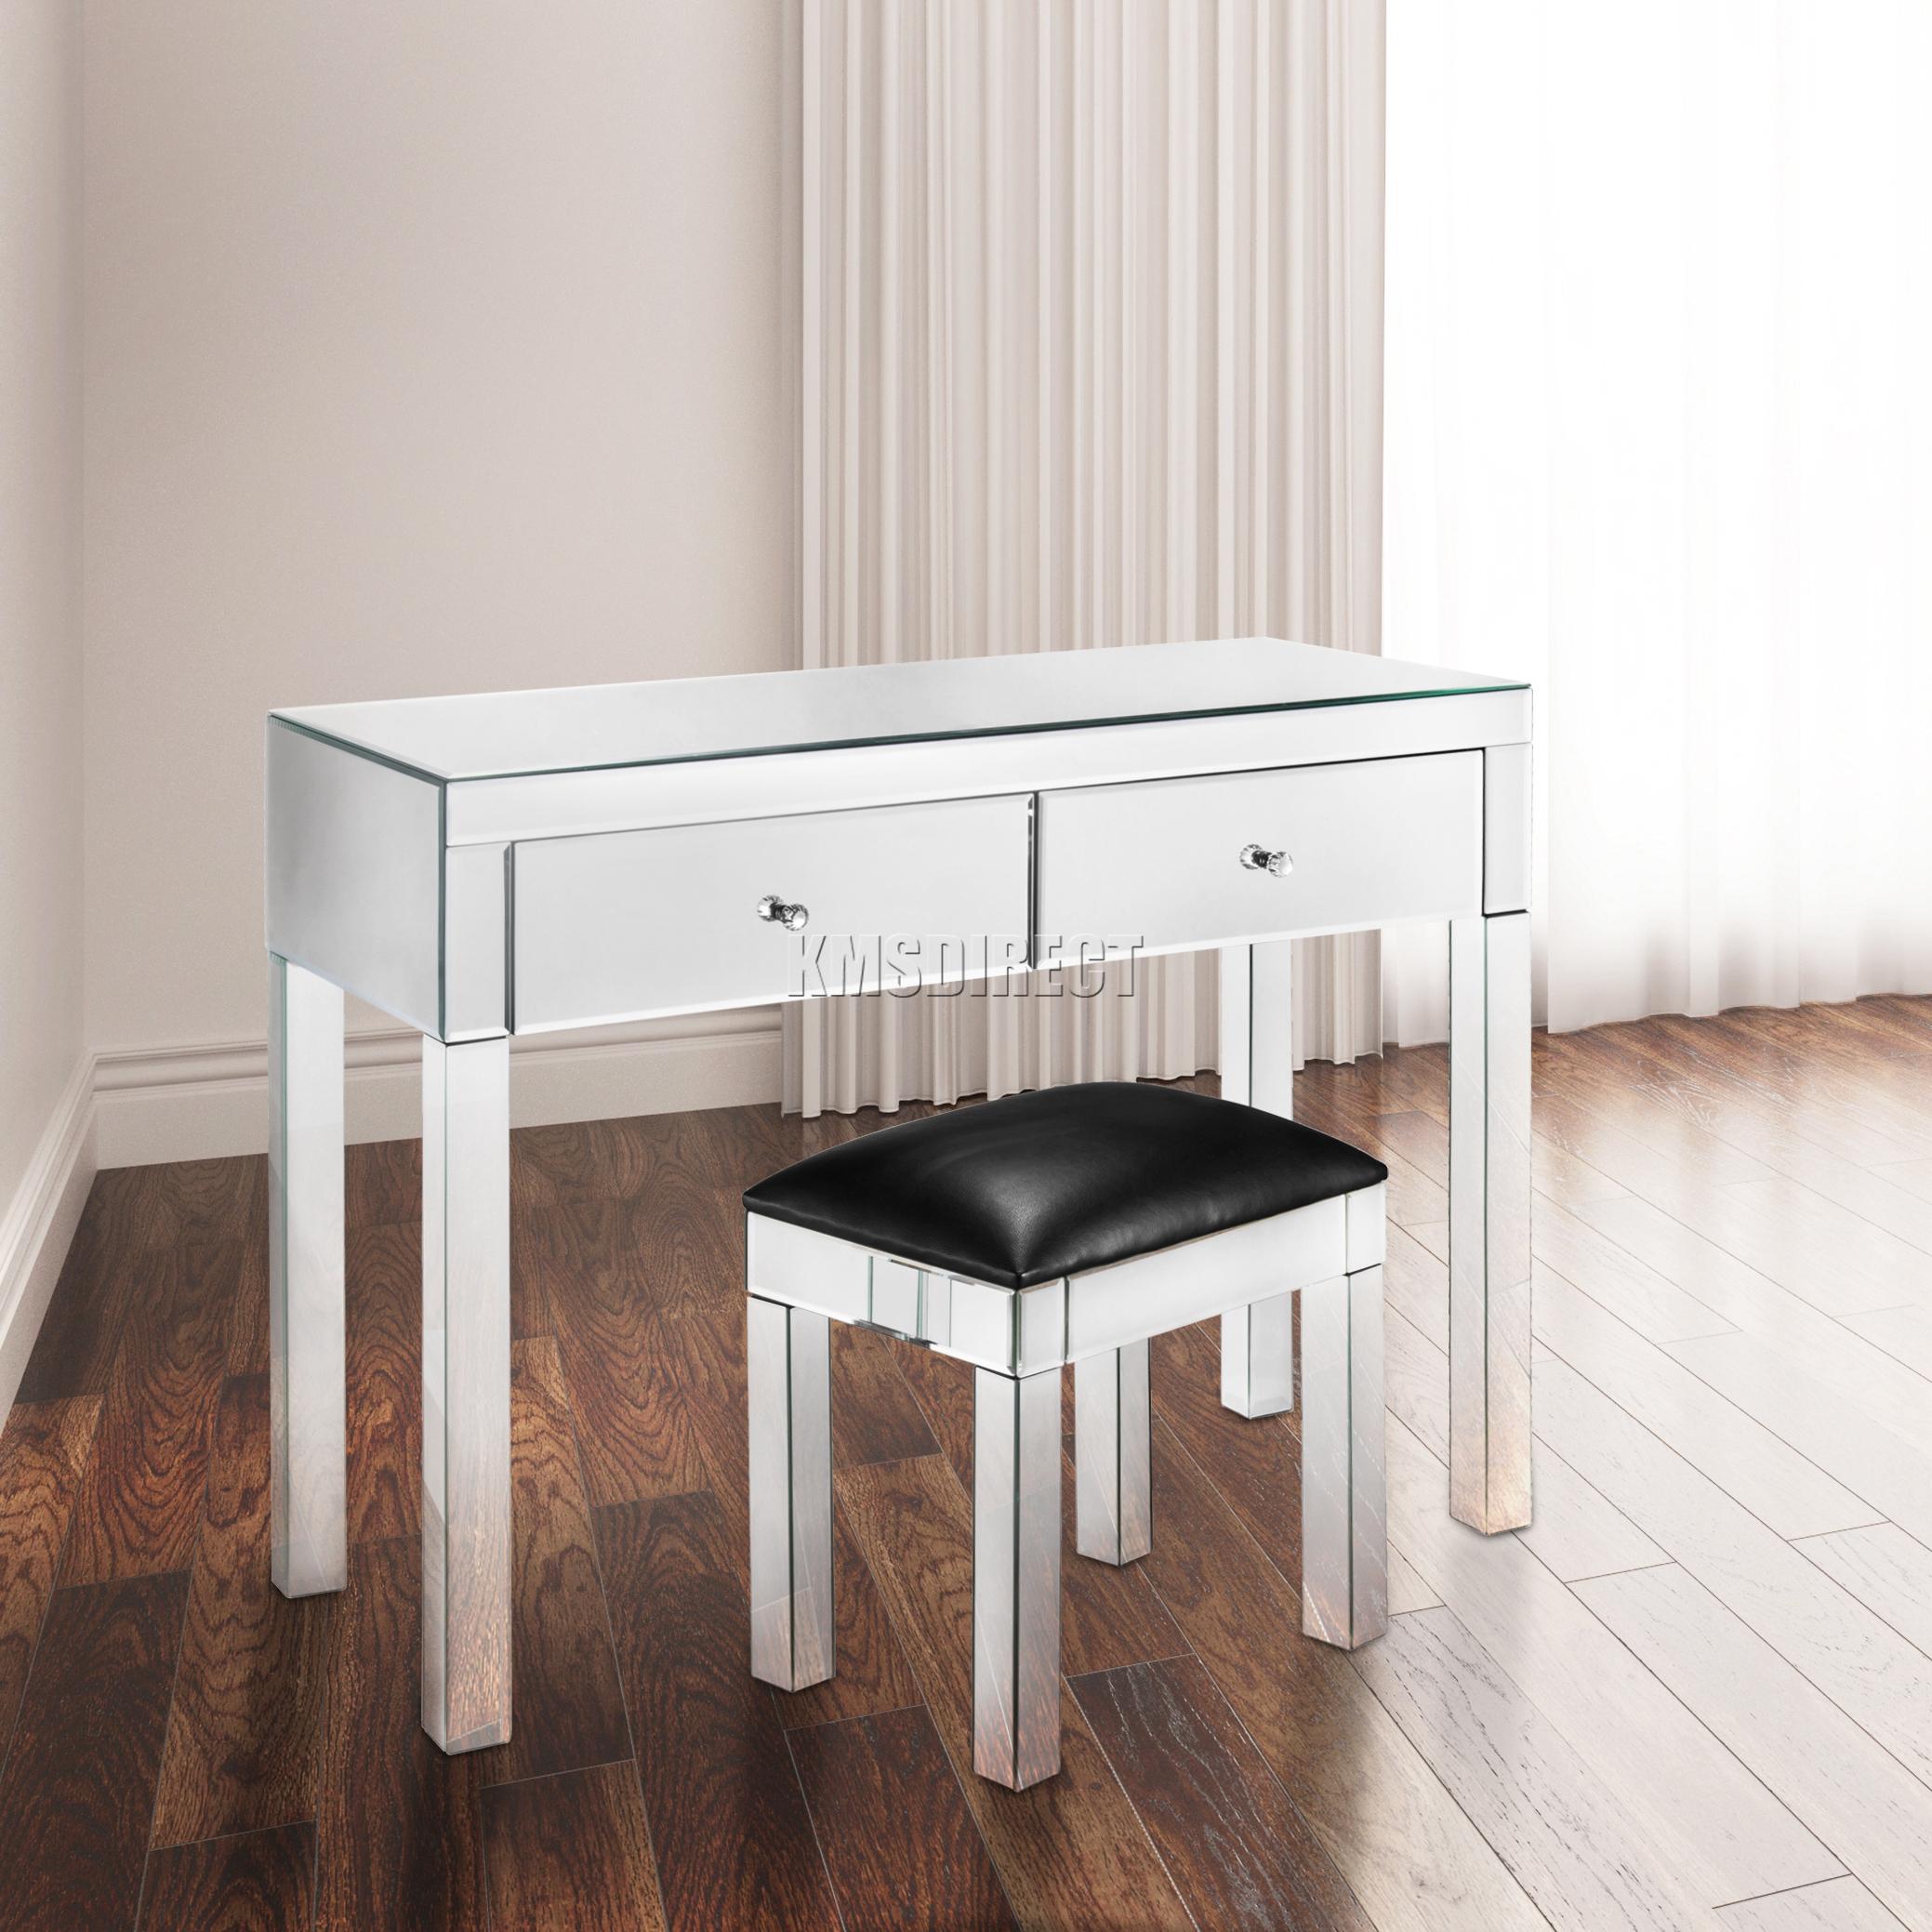 FoxHunter Reflectante Muebles cristal tocador con cajón CONSOLA ...